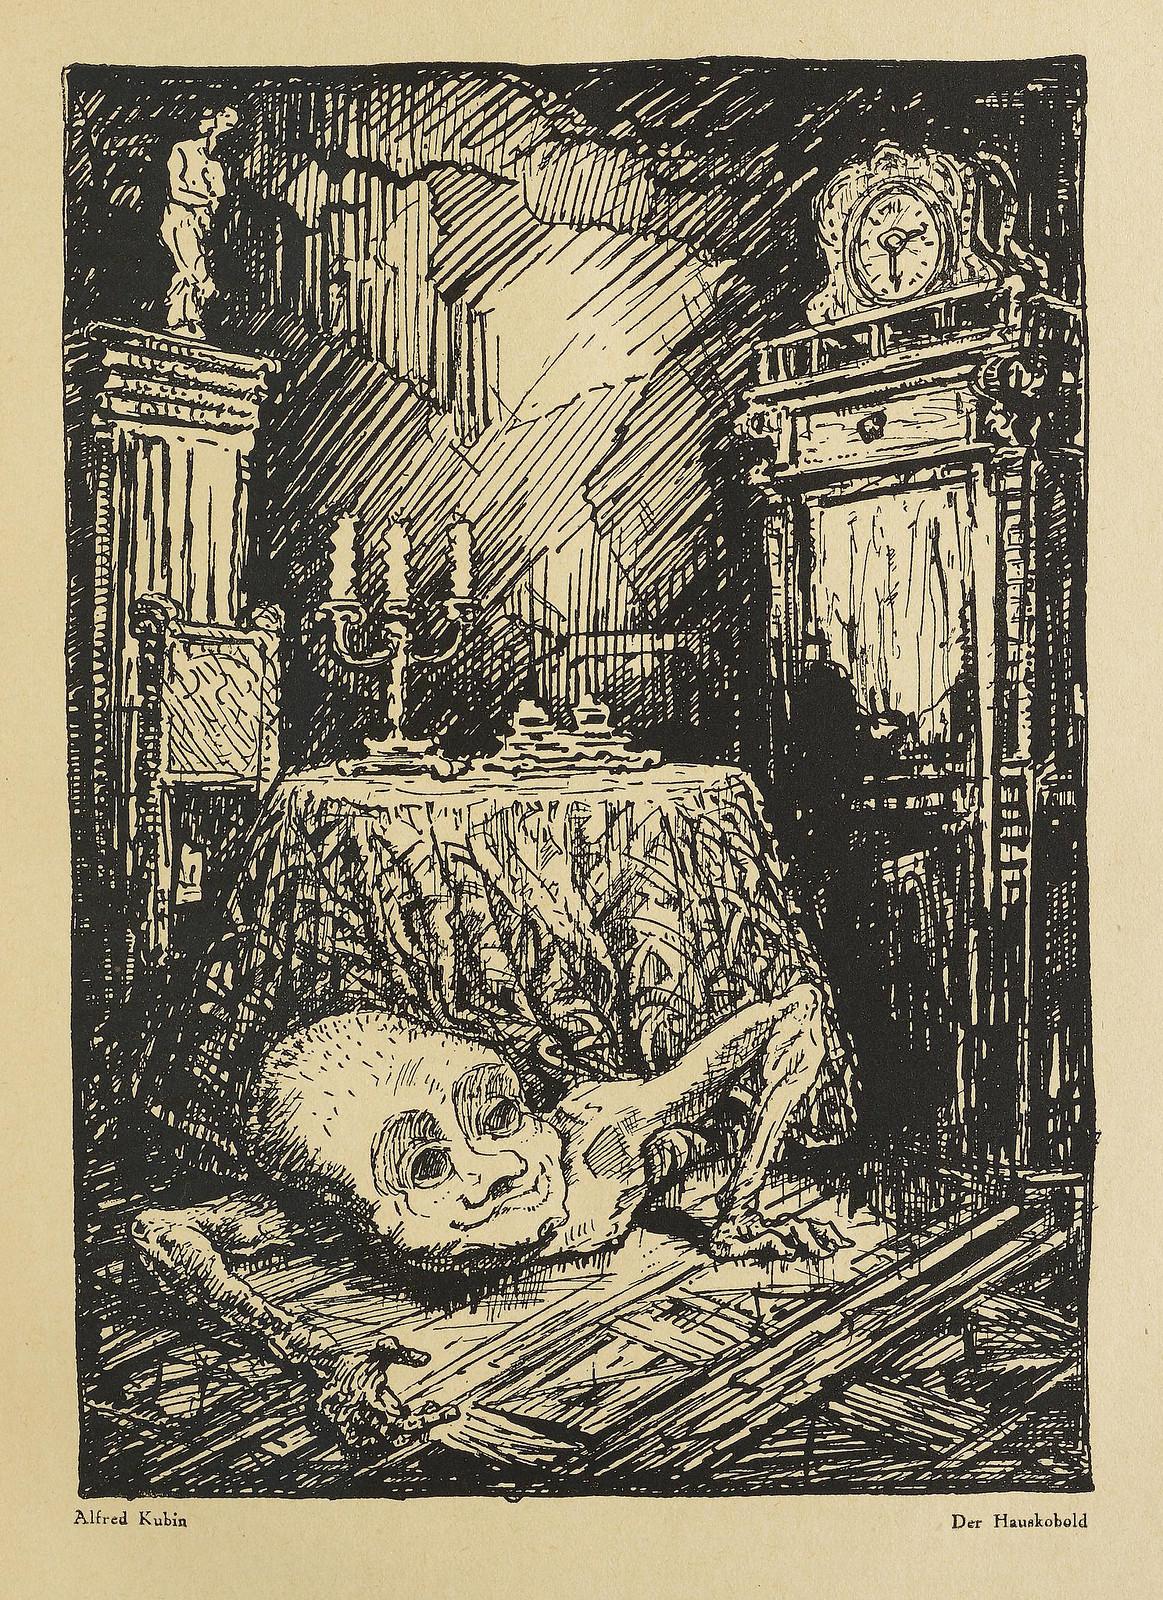 Der Orchideengarten - 1919, Alfred Kubin - Der Hauskobold